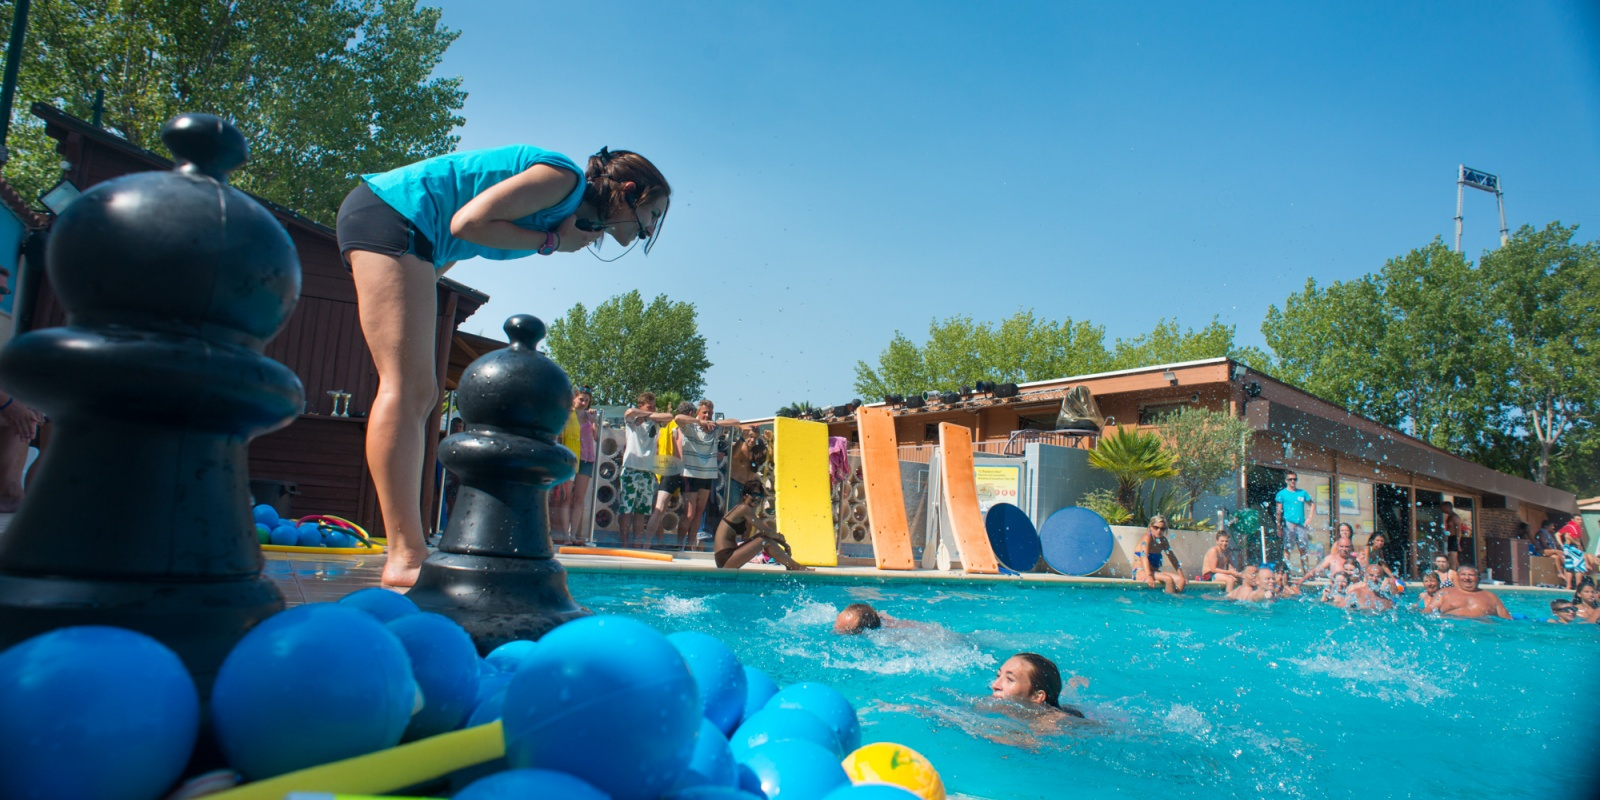 Piscine d 39 t piscine couverte camping au grau du roi for Camping puy du fou avec piscine couverte